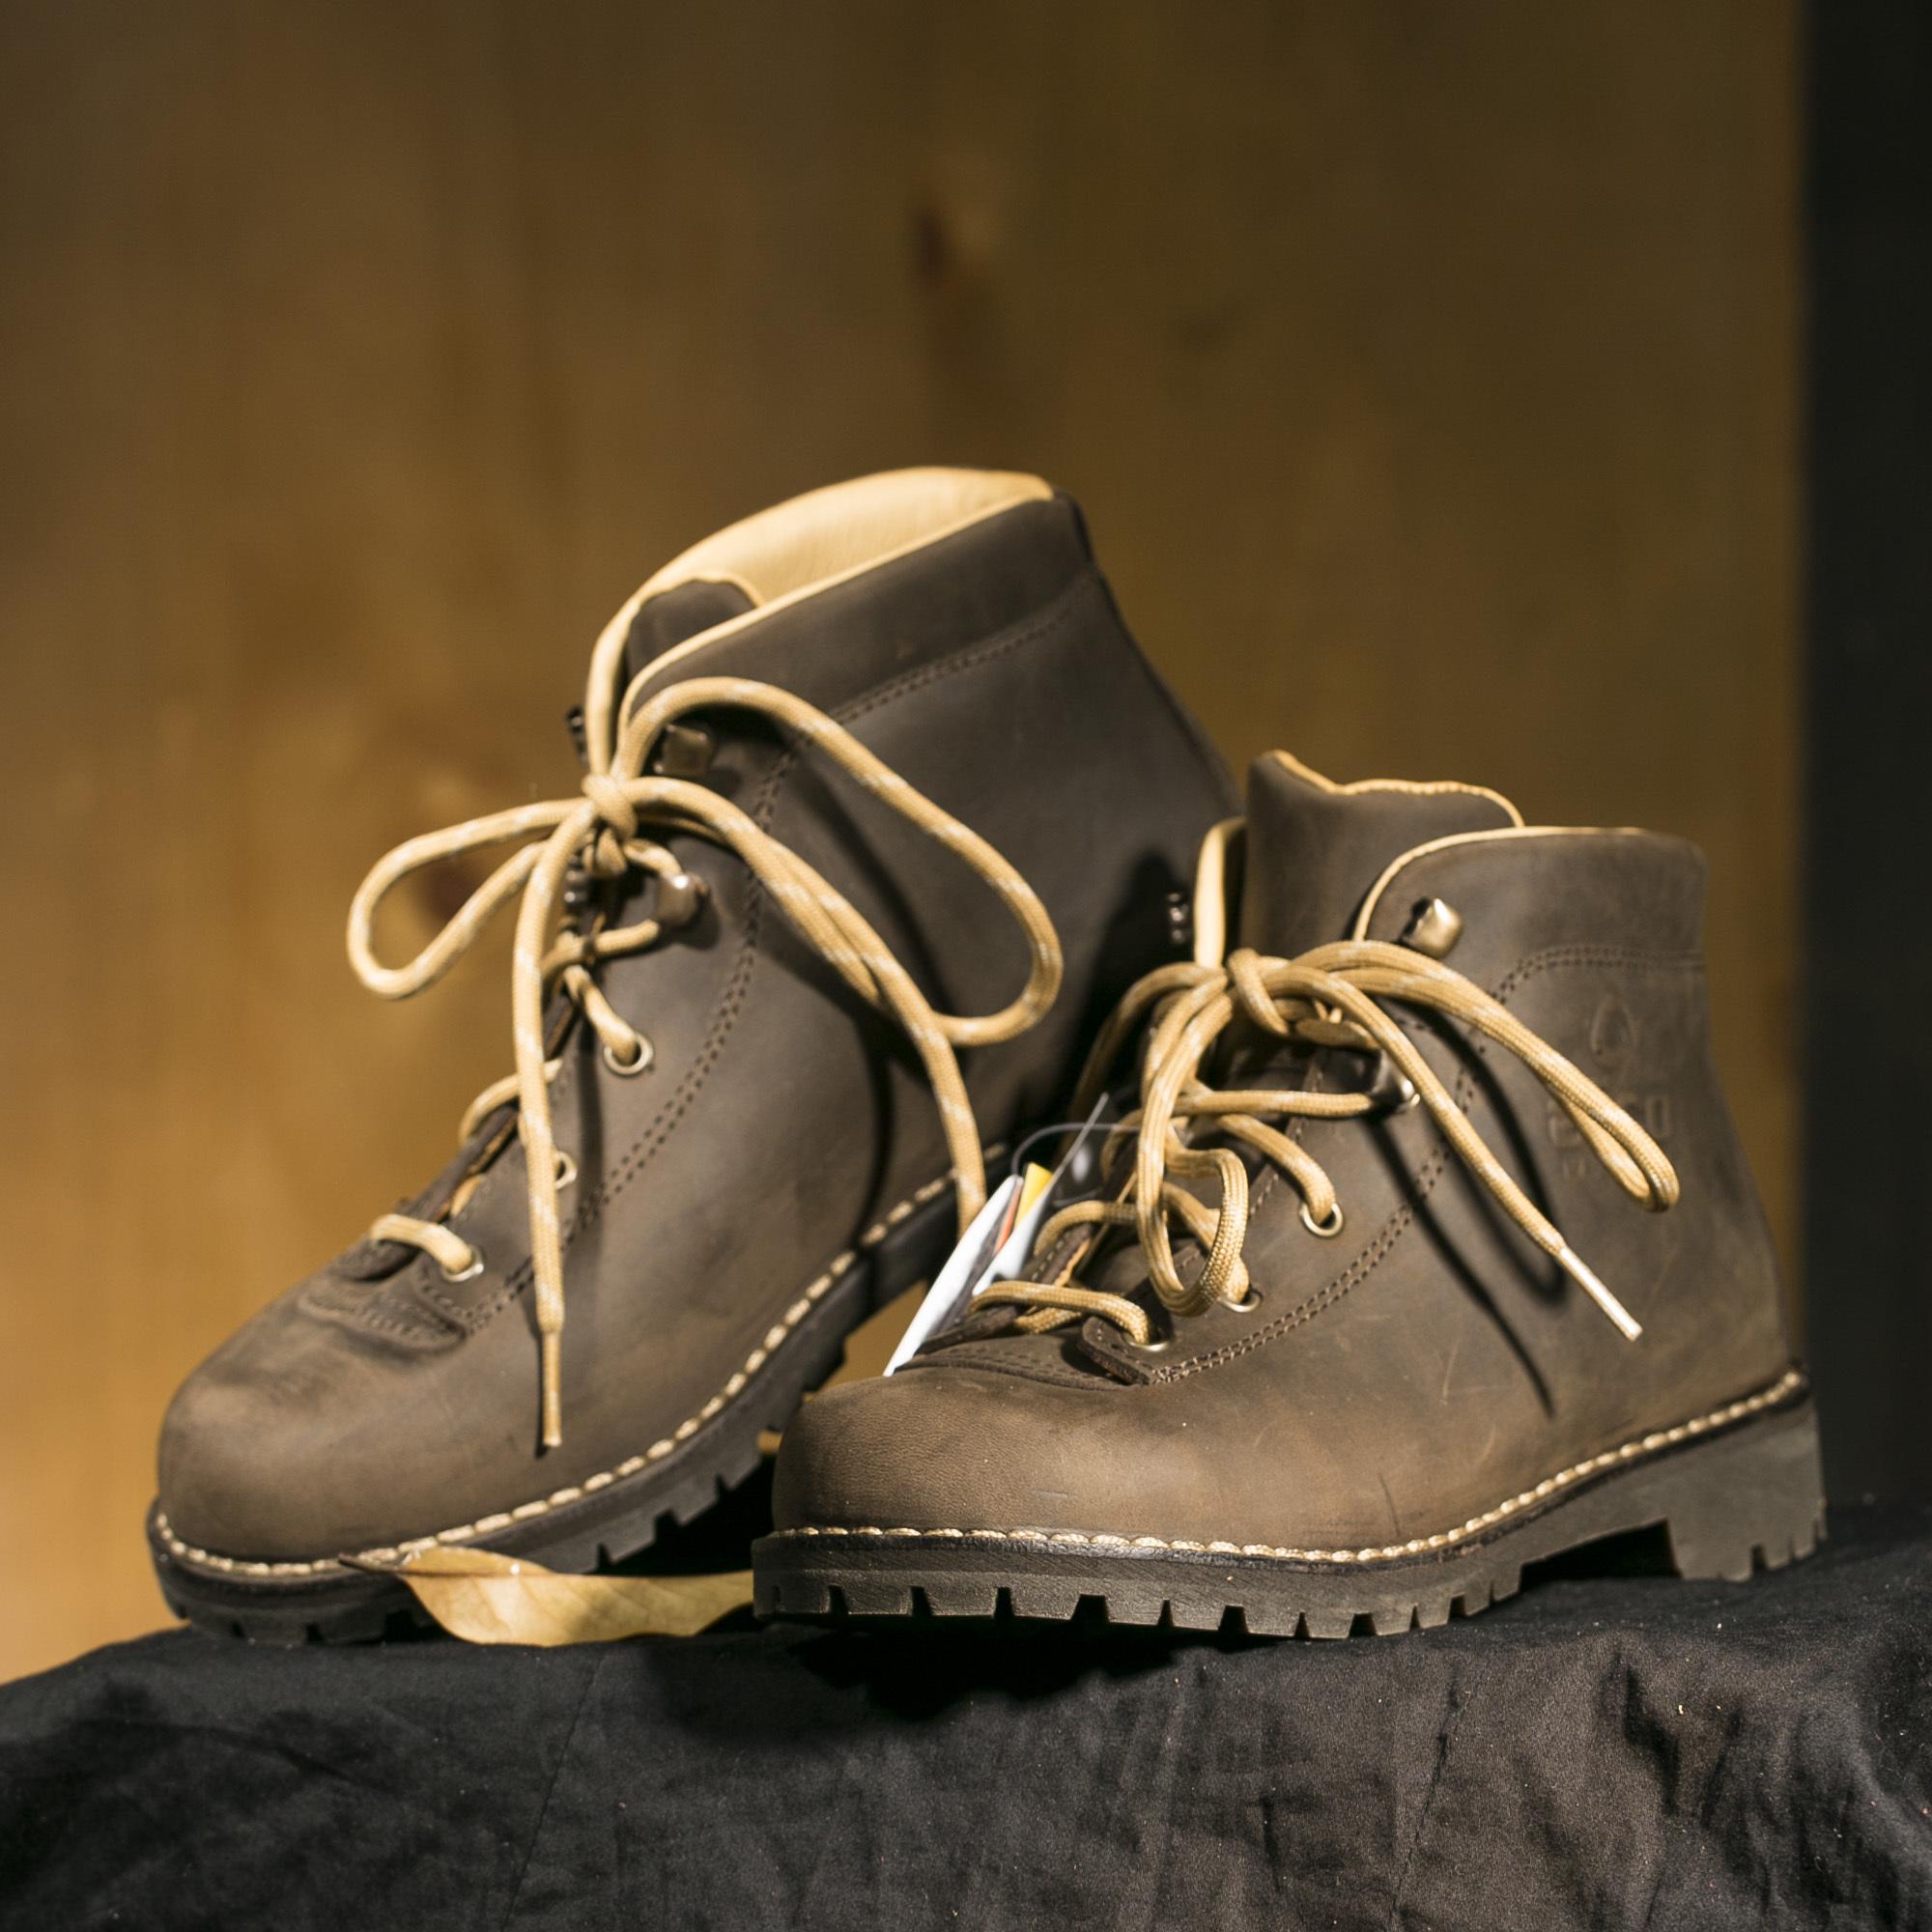 意大利原产alico 阿里克专业户外BELLUNO司战之神耐磨鞋女士 深棕色 37